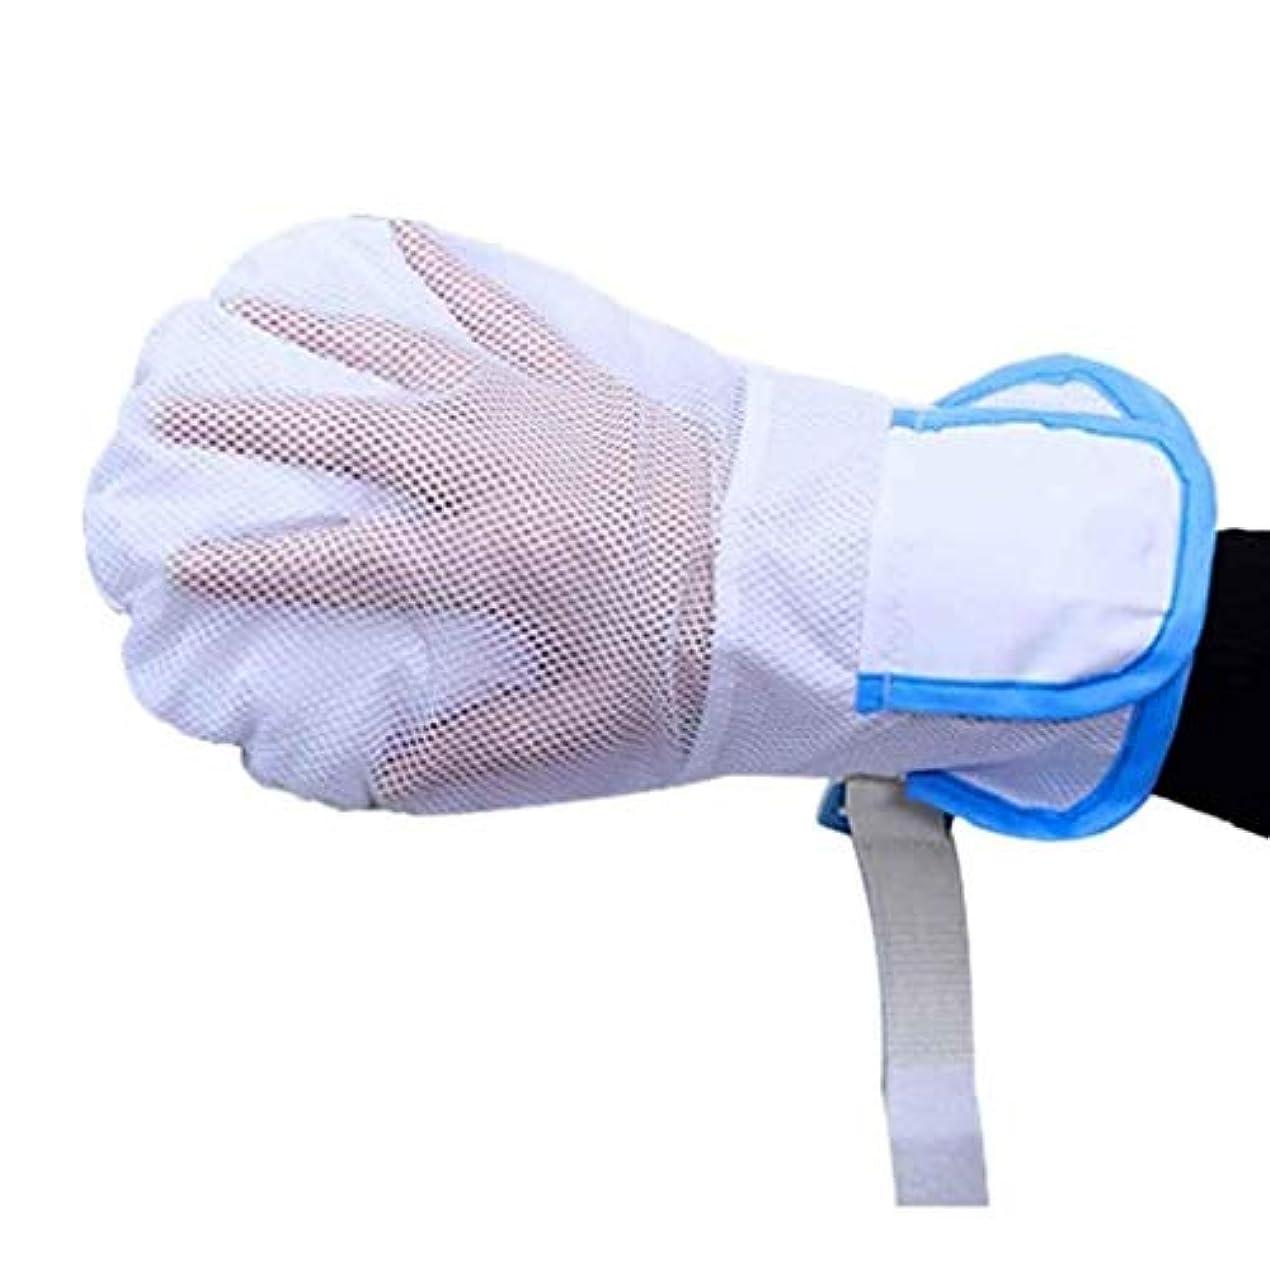 どういたしまして杭新しさフィンガーコントロールミット 医療用防護服患者用手感染プロテクターパッド入りミットは高齢者のための指の害を防ぐための手袋を防ぎます